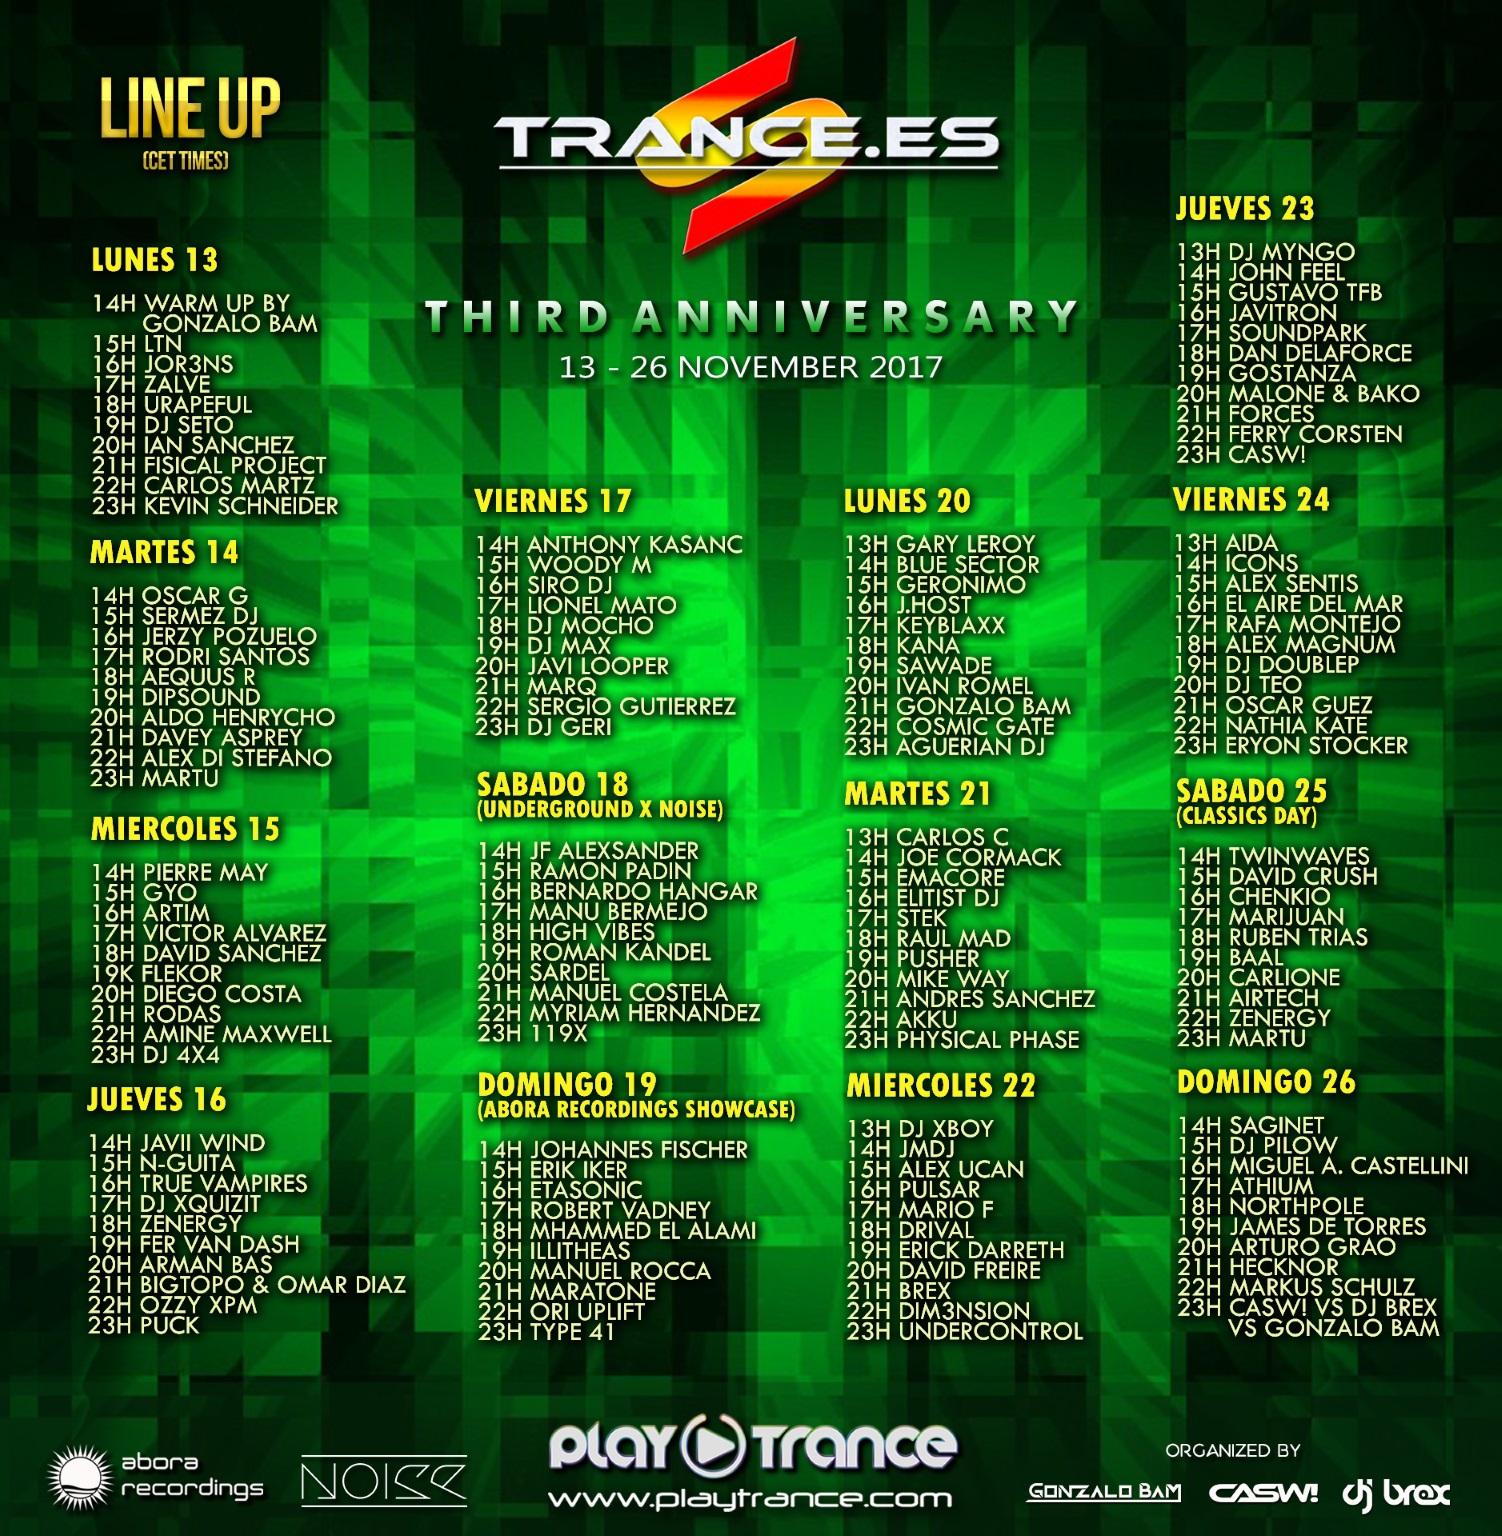 Tres años de Trance.es y de nuevo a lo grande